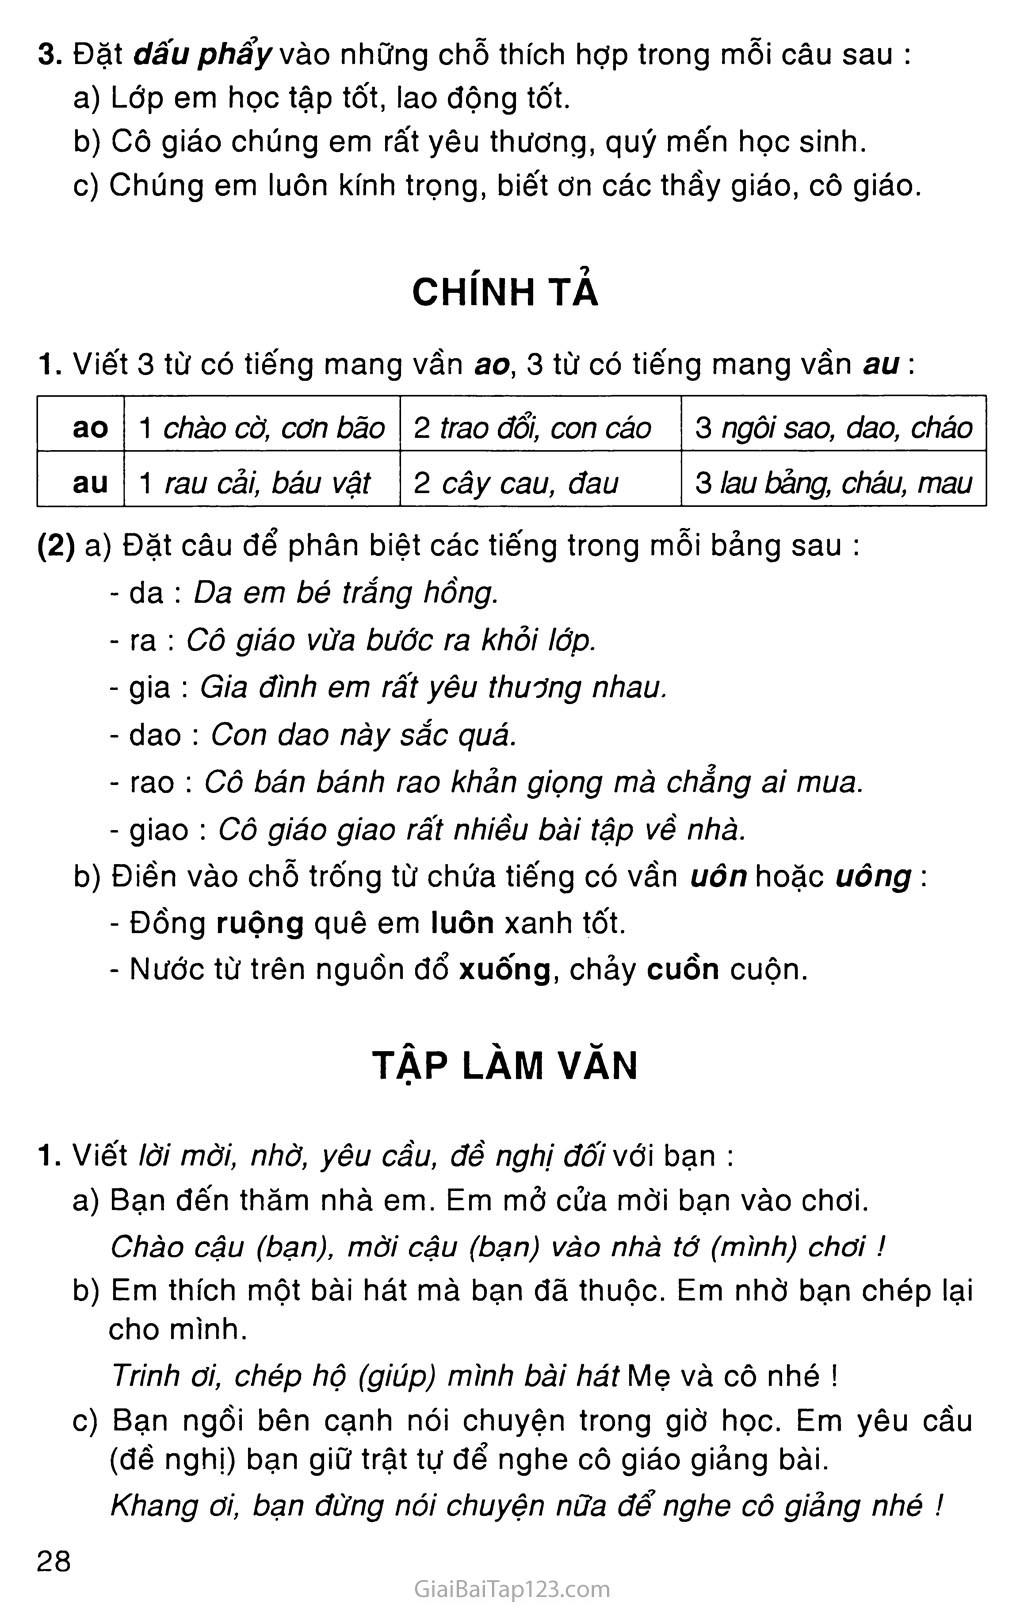 Tuần 8 trang 2